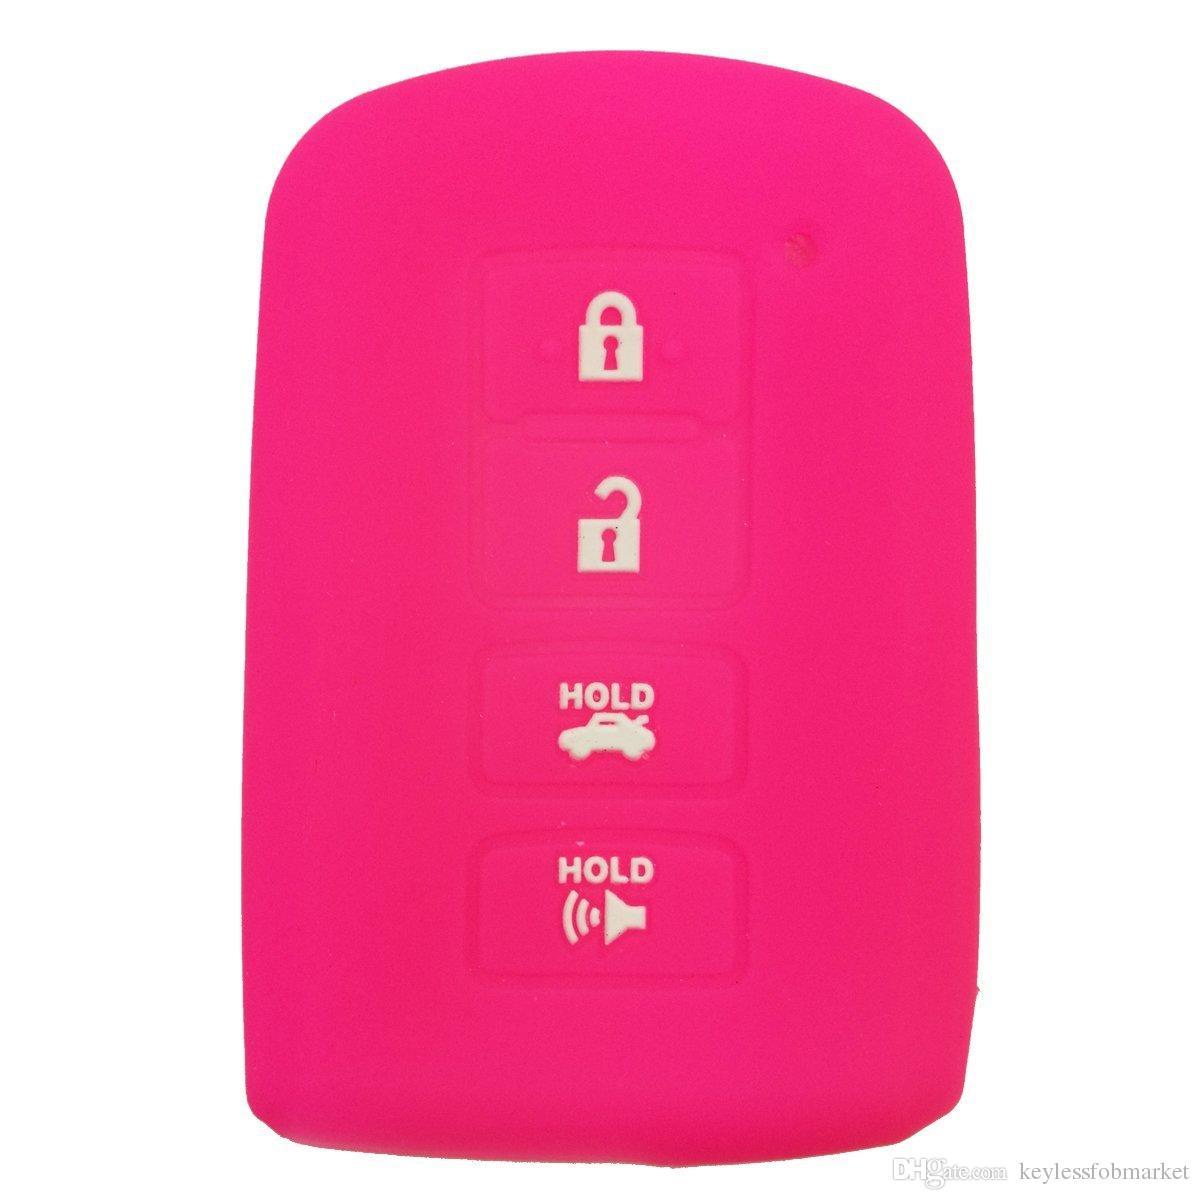 Custodia protettiva in silicone Smart Key Fob Custodia protettiva Toyota Highlander RAV4 Camry Avalon Corolla 4 pulsanti Smart portachiavi telecomando